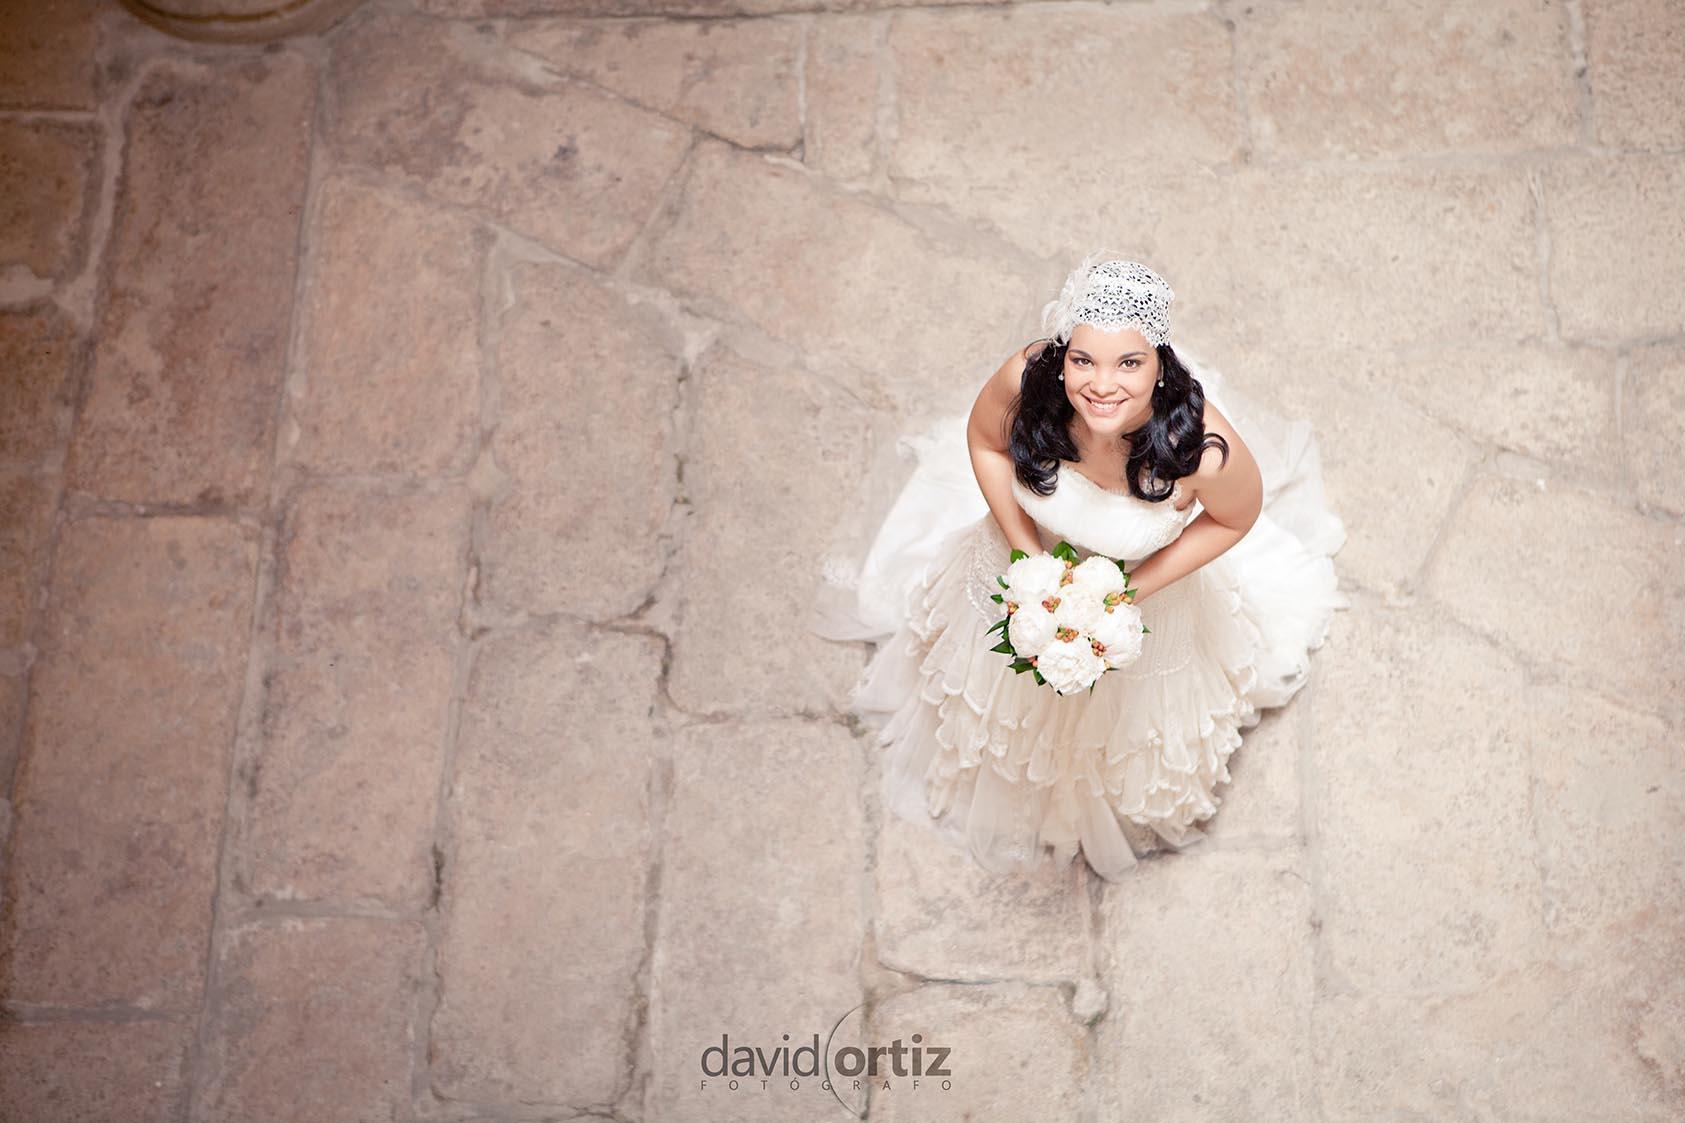 Fotografia y reportaje de la boda de Hassan y Montaña, realizado por David Ortiz Fotografo